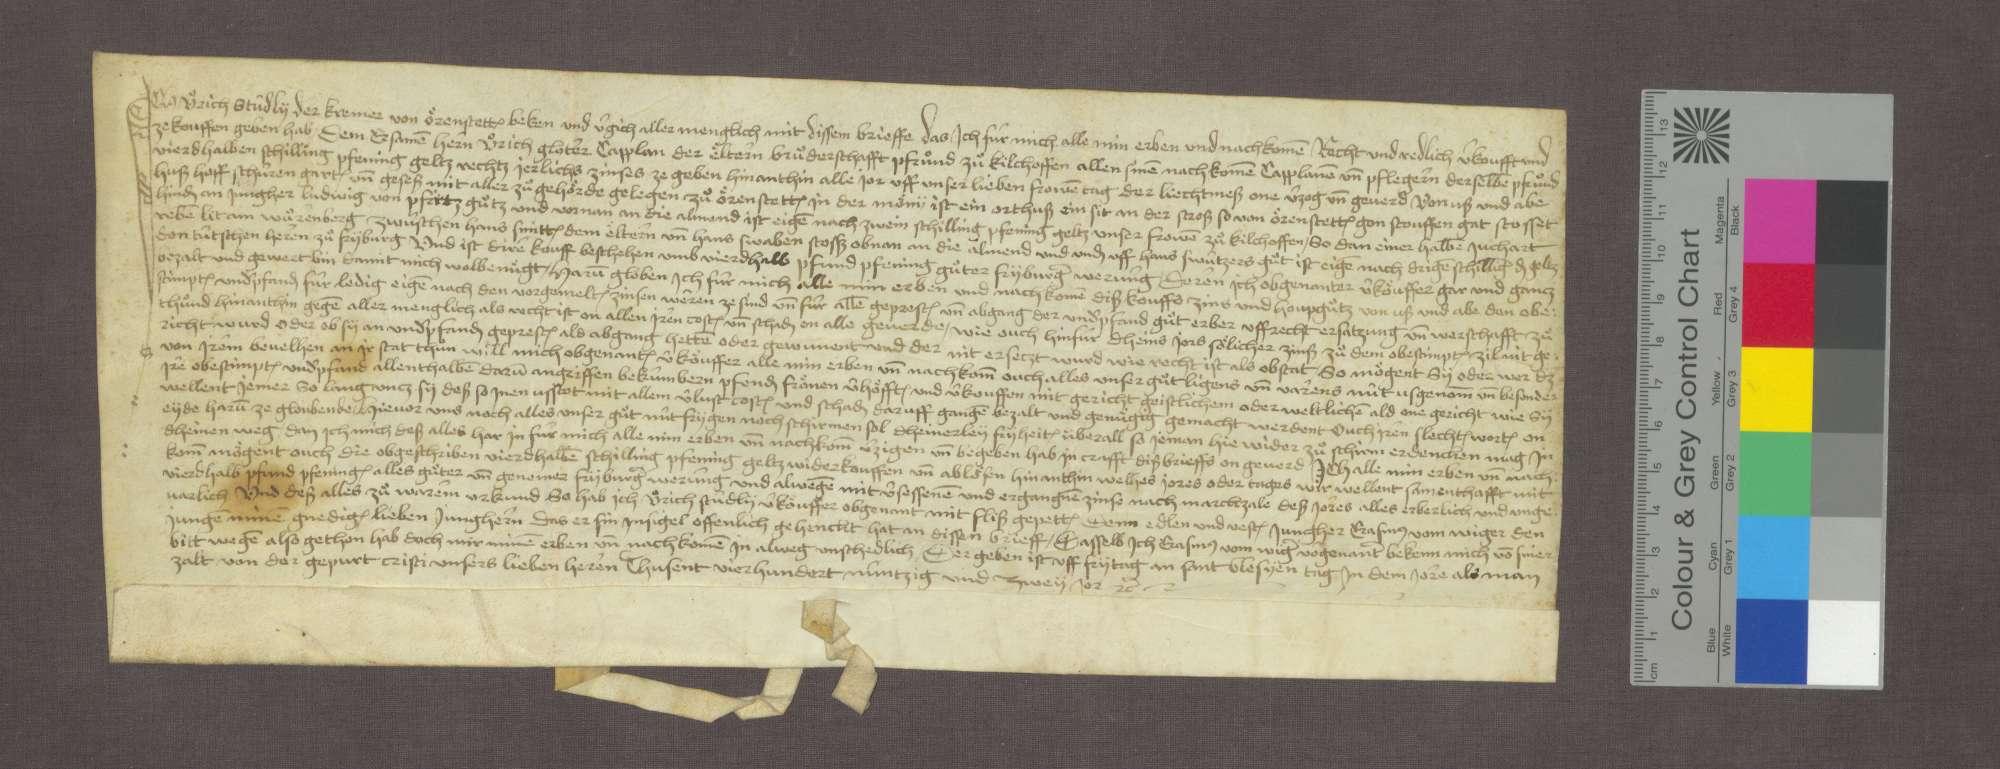 Schuldbrief des Ulrich Studly zu Ehrenstetten für die ältere Bruderschaftpfründe zu Kirchhofen., Bild 1